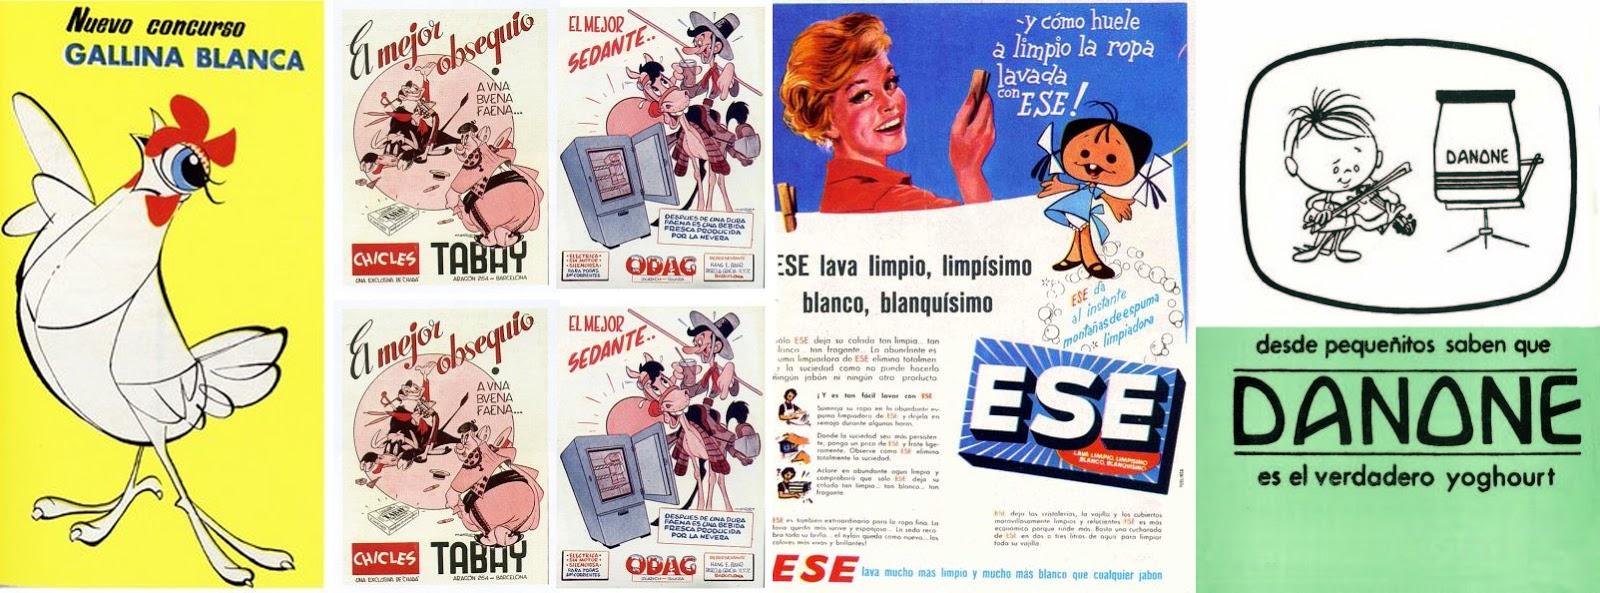 Hermanos Moro estudio vintage retro publicidad spanish españa española familia telerín danone philips calabaza ruperta gallina blanca